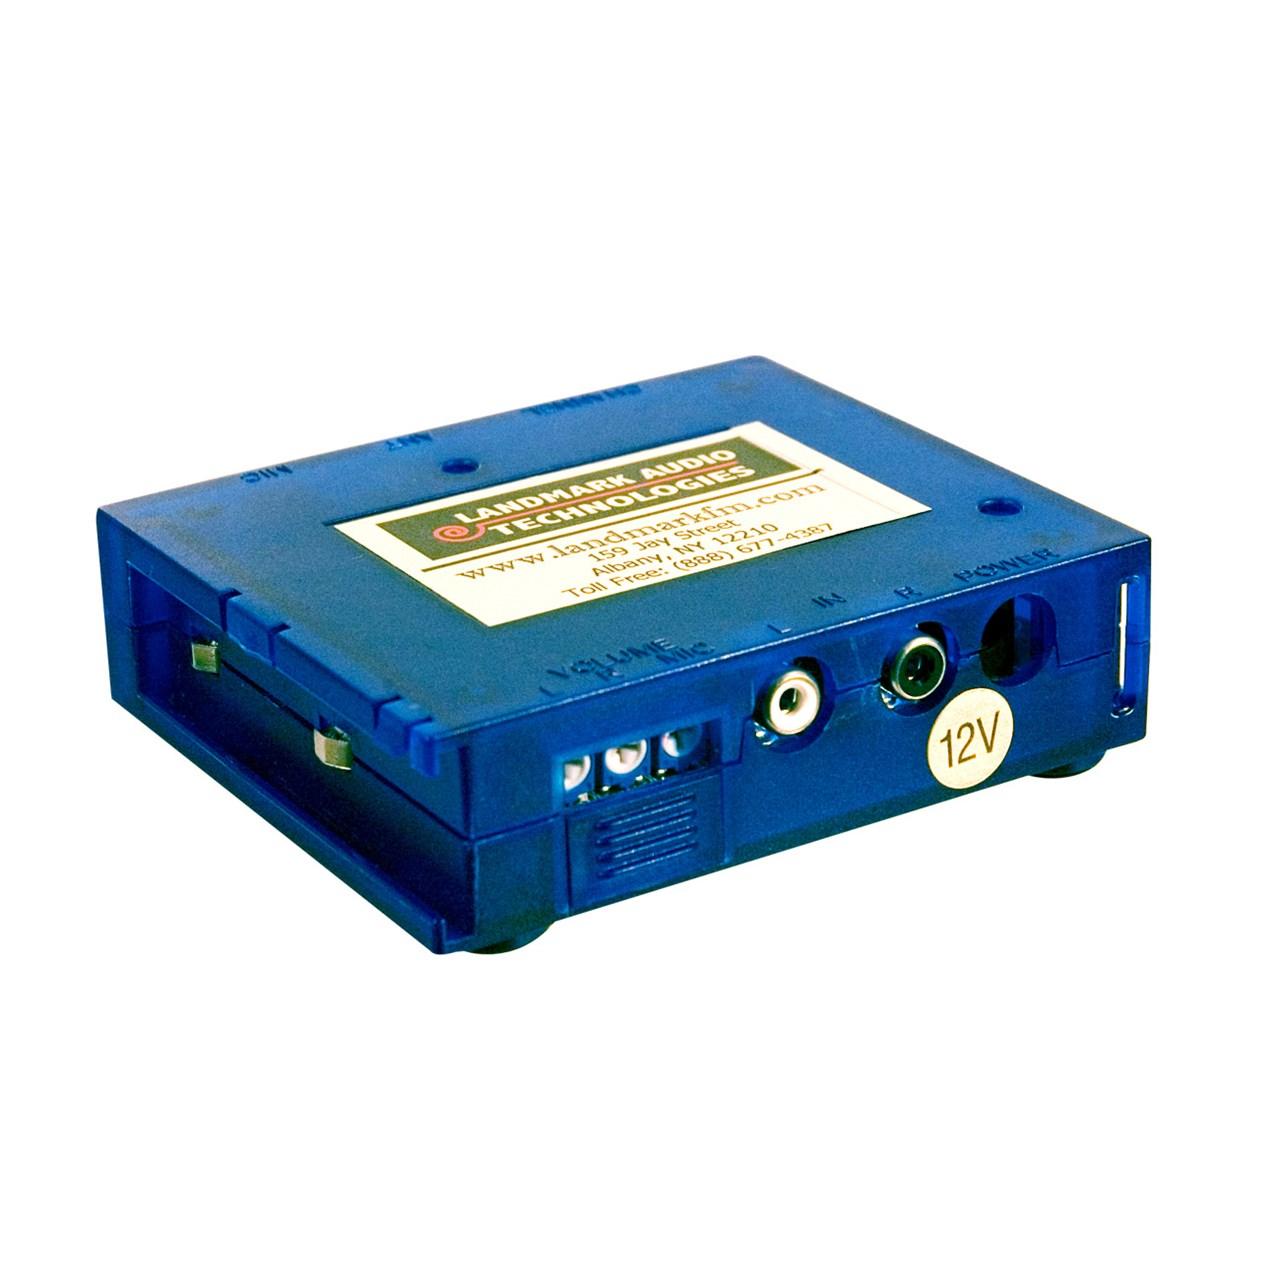 Landmark 720 FM Transmitter